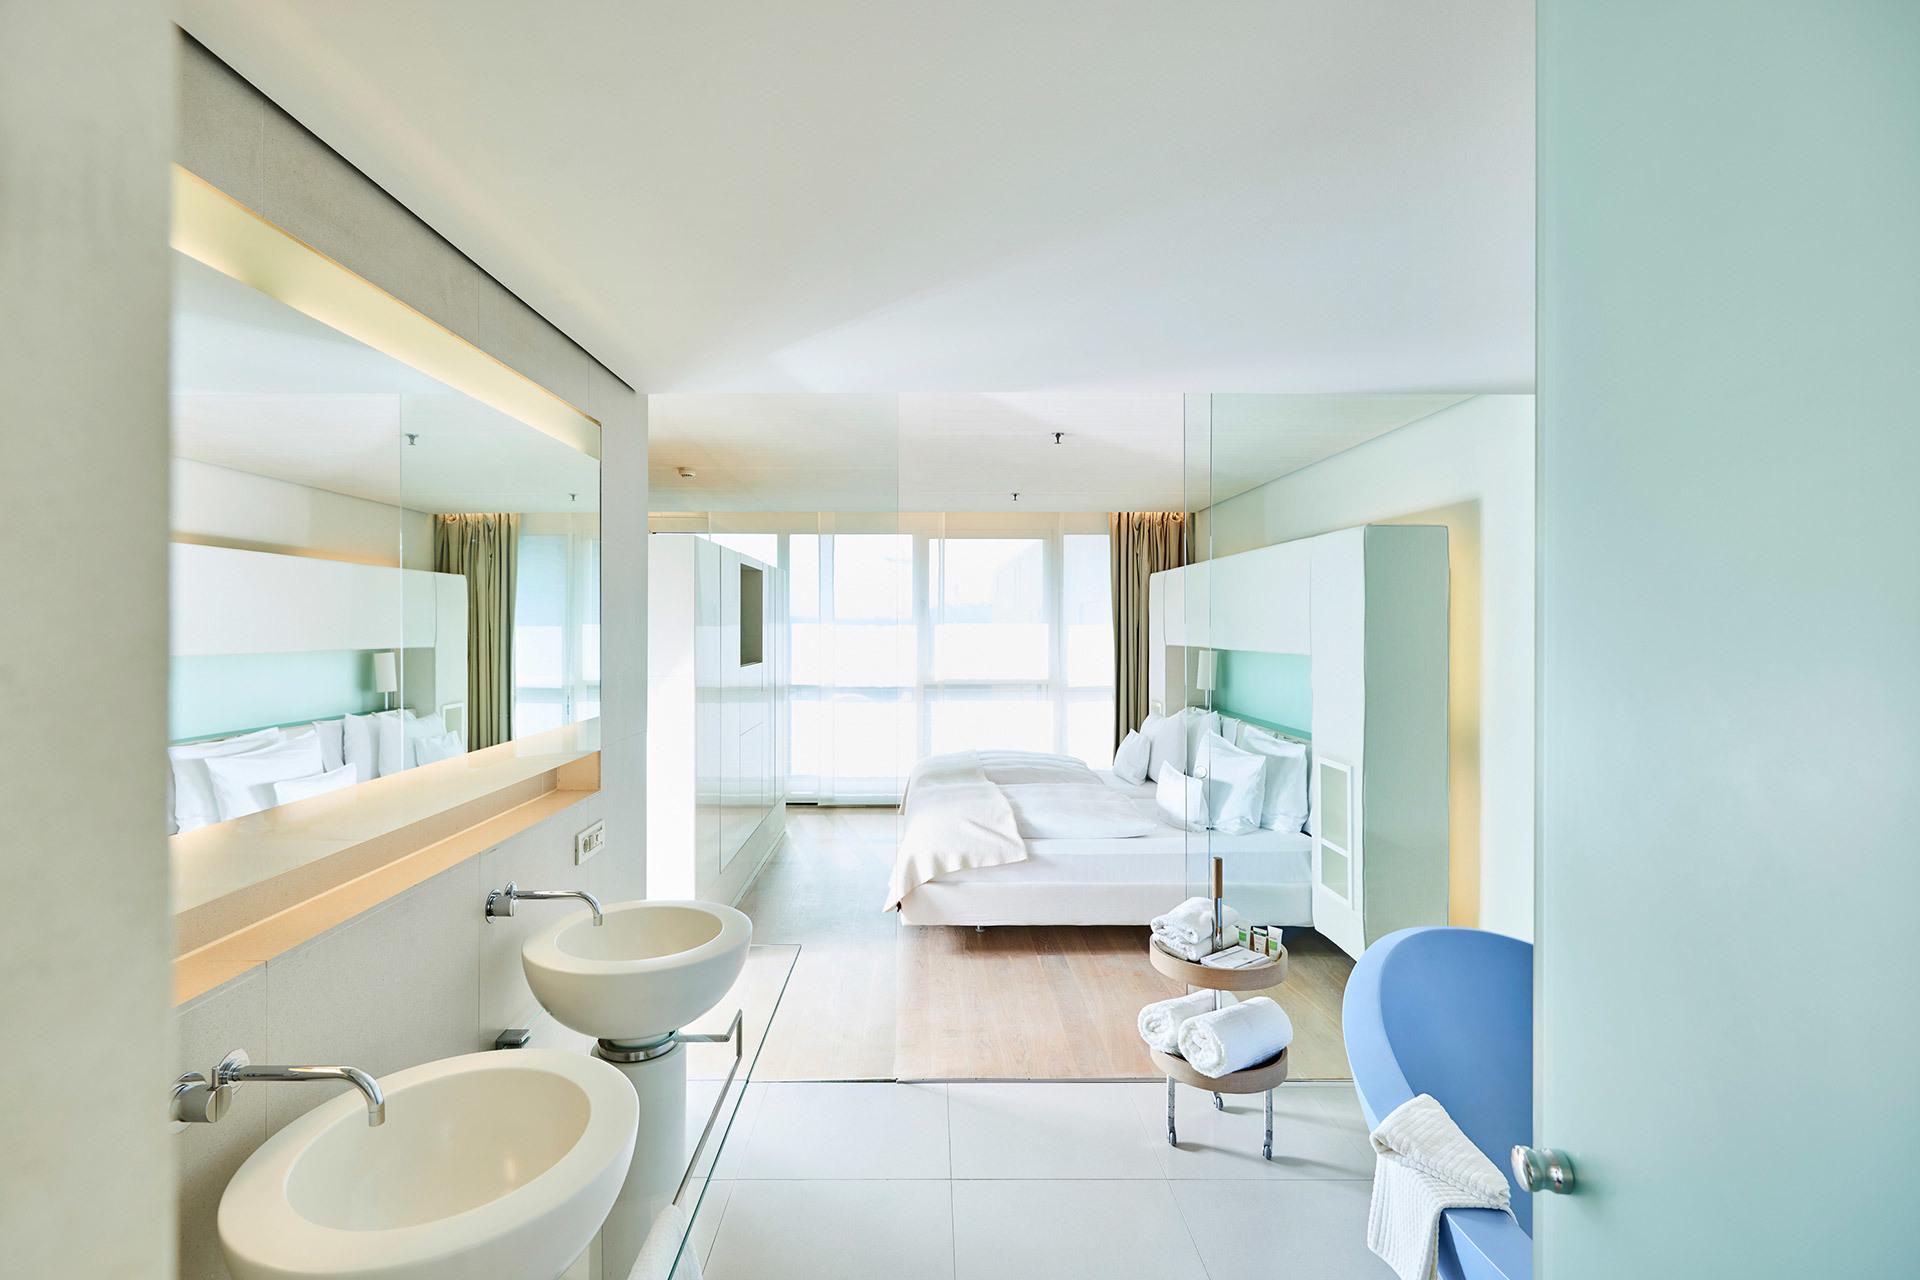 designlovr alles zu architektur design und fotografie. Black Bedroom Furniture Sets. Home Design Ideas